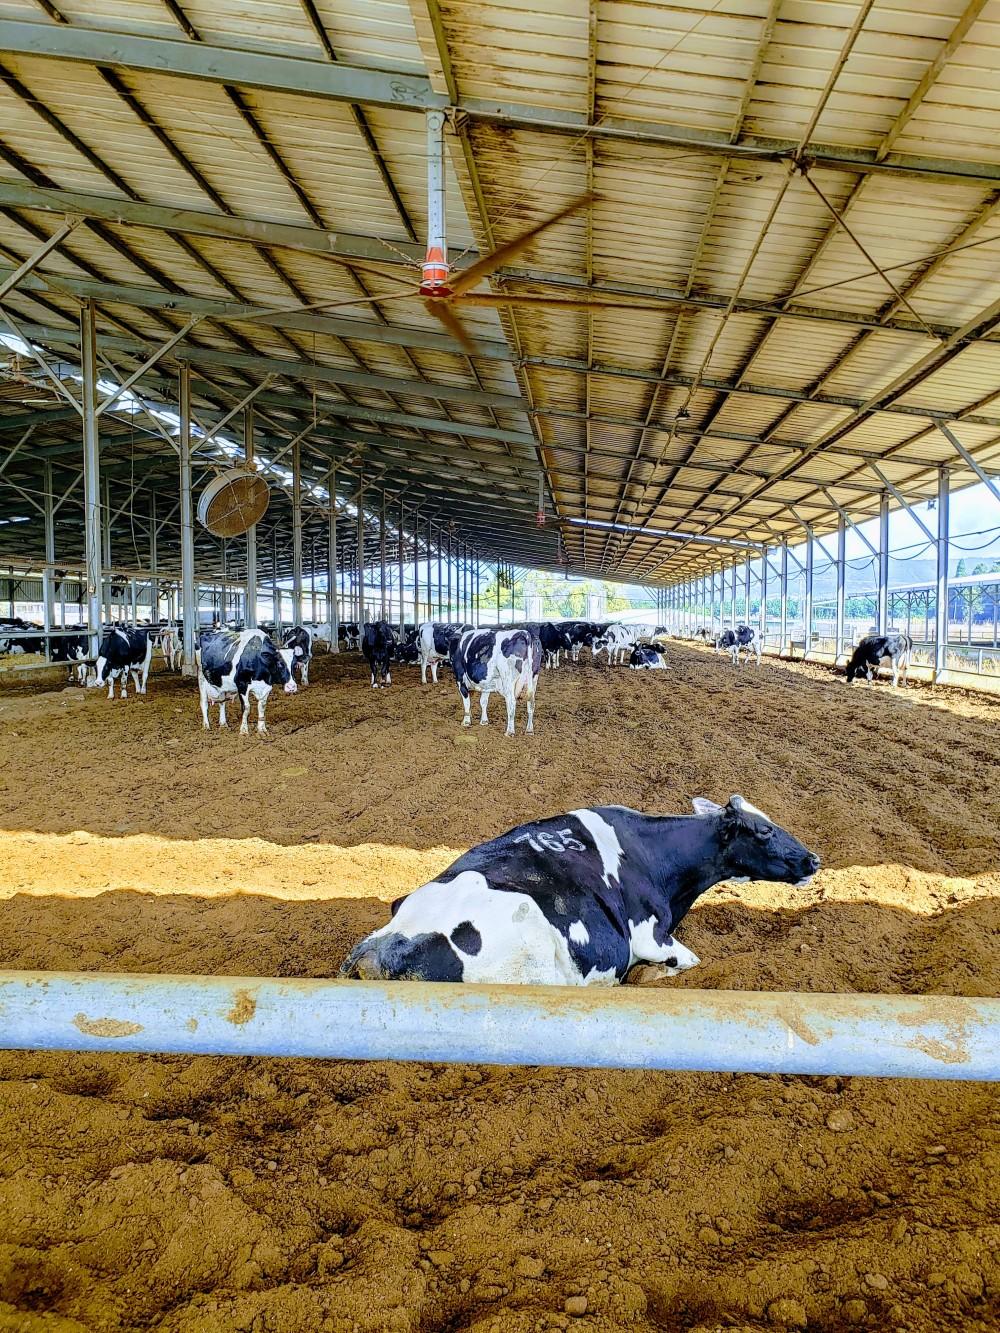 hayvancılıkta istail modeli : hayvan başına 22 metrekare yaşam alanı ve çatı örtüsü bulunan ve fan sistemi ile kurutulan barınaklar